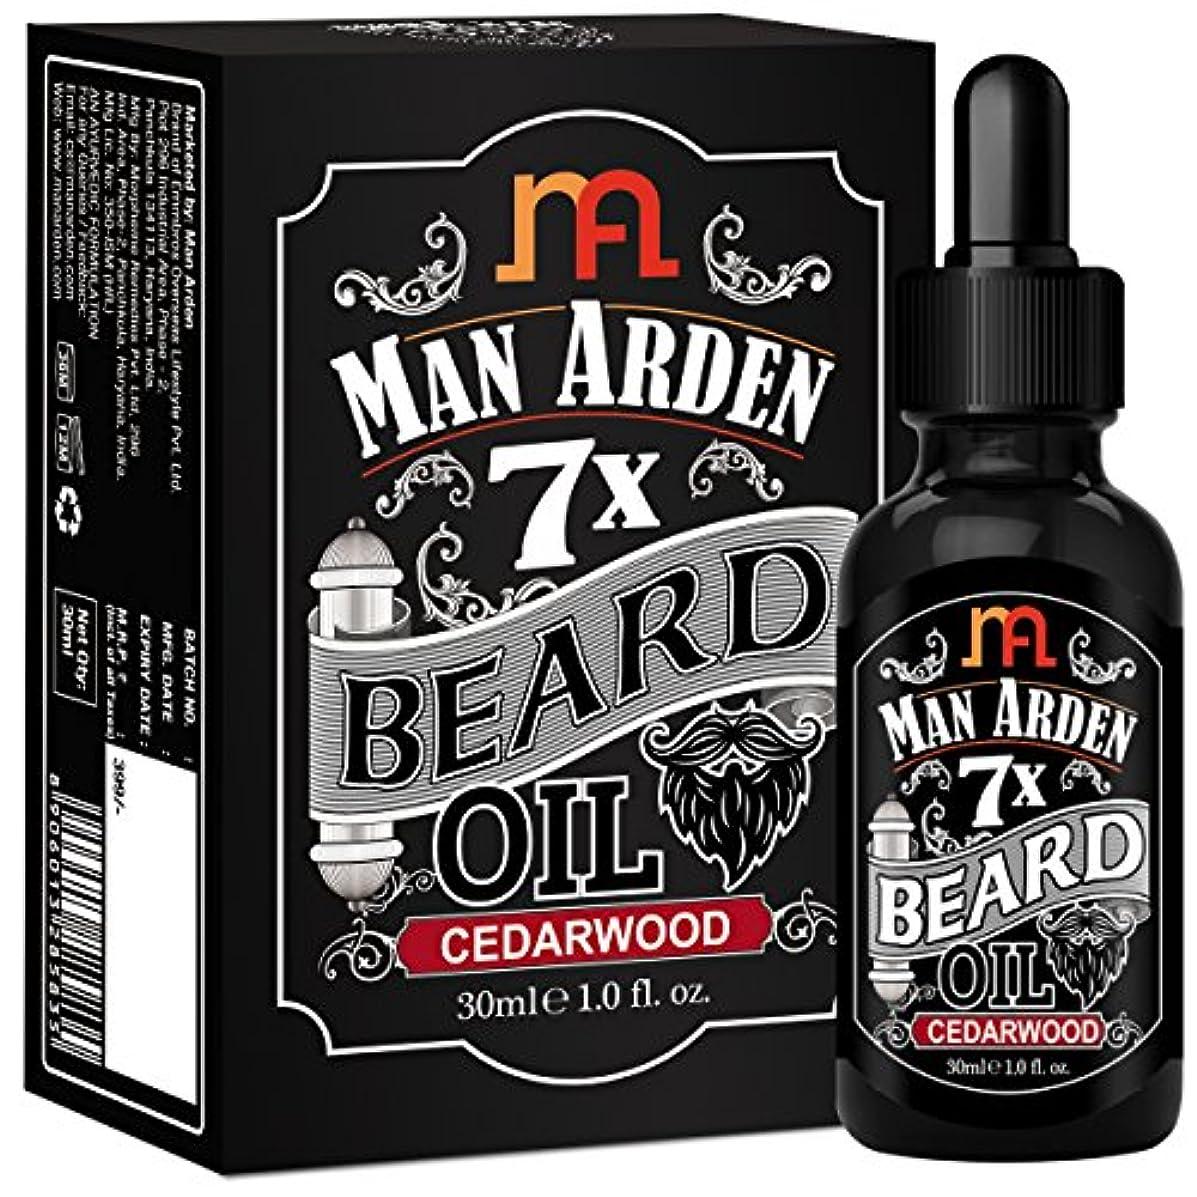 航空便ゲートウェイ一致Man Arden 7X Beard Oil 30ml (Cedarwood) - 7 Premium Oils Blend For Beard Growth & Nourishment